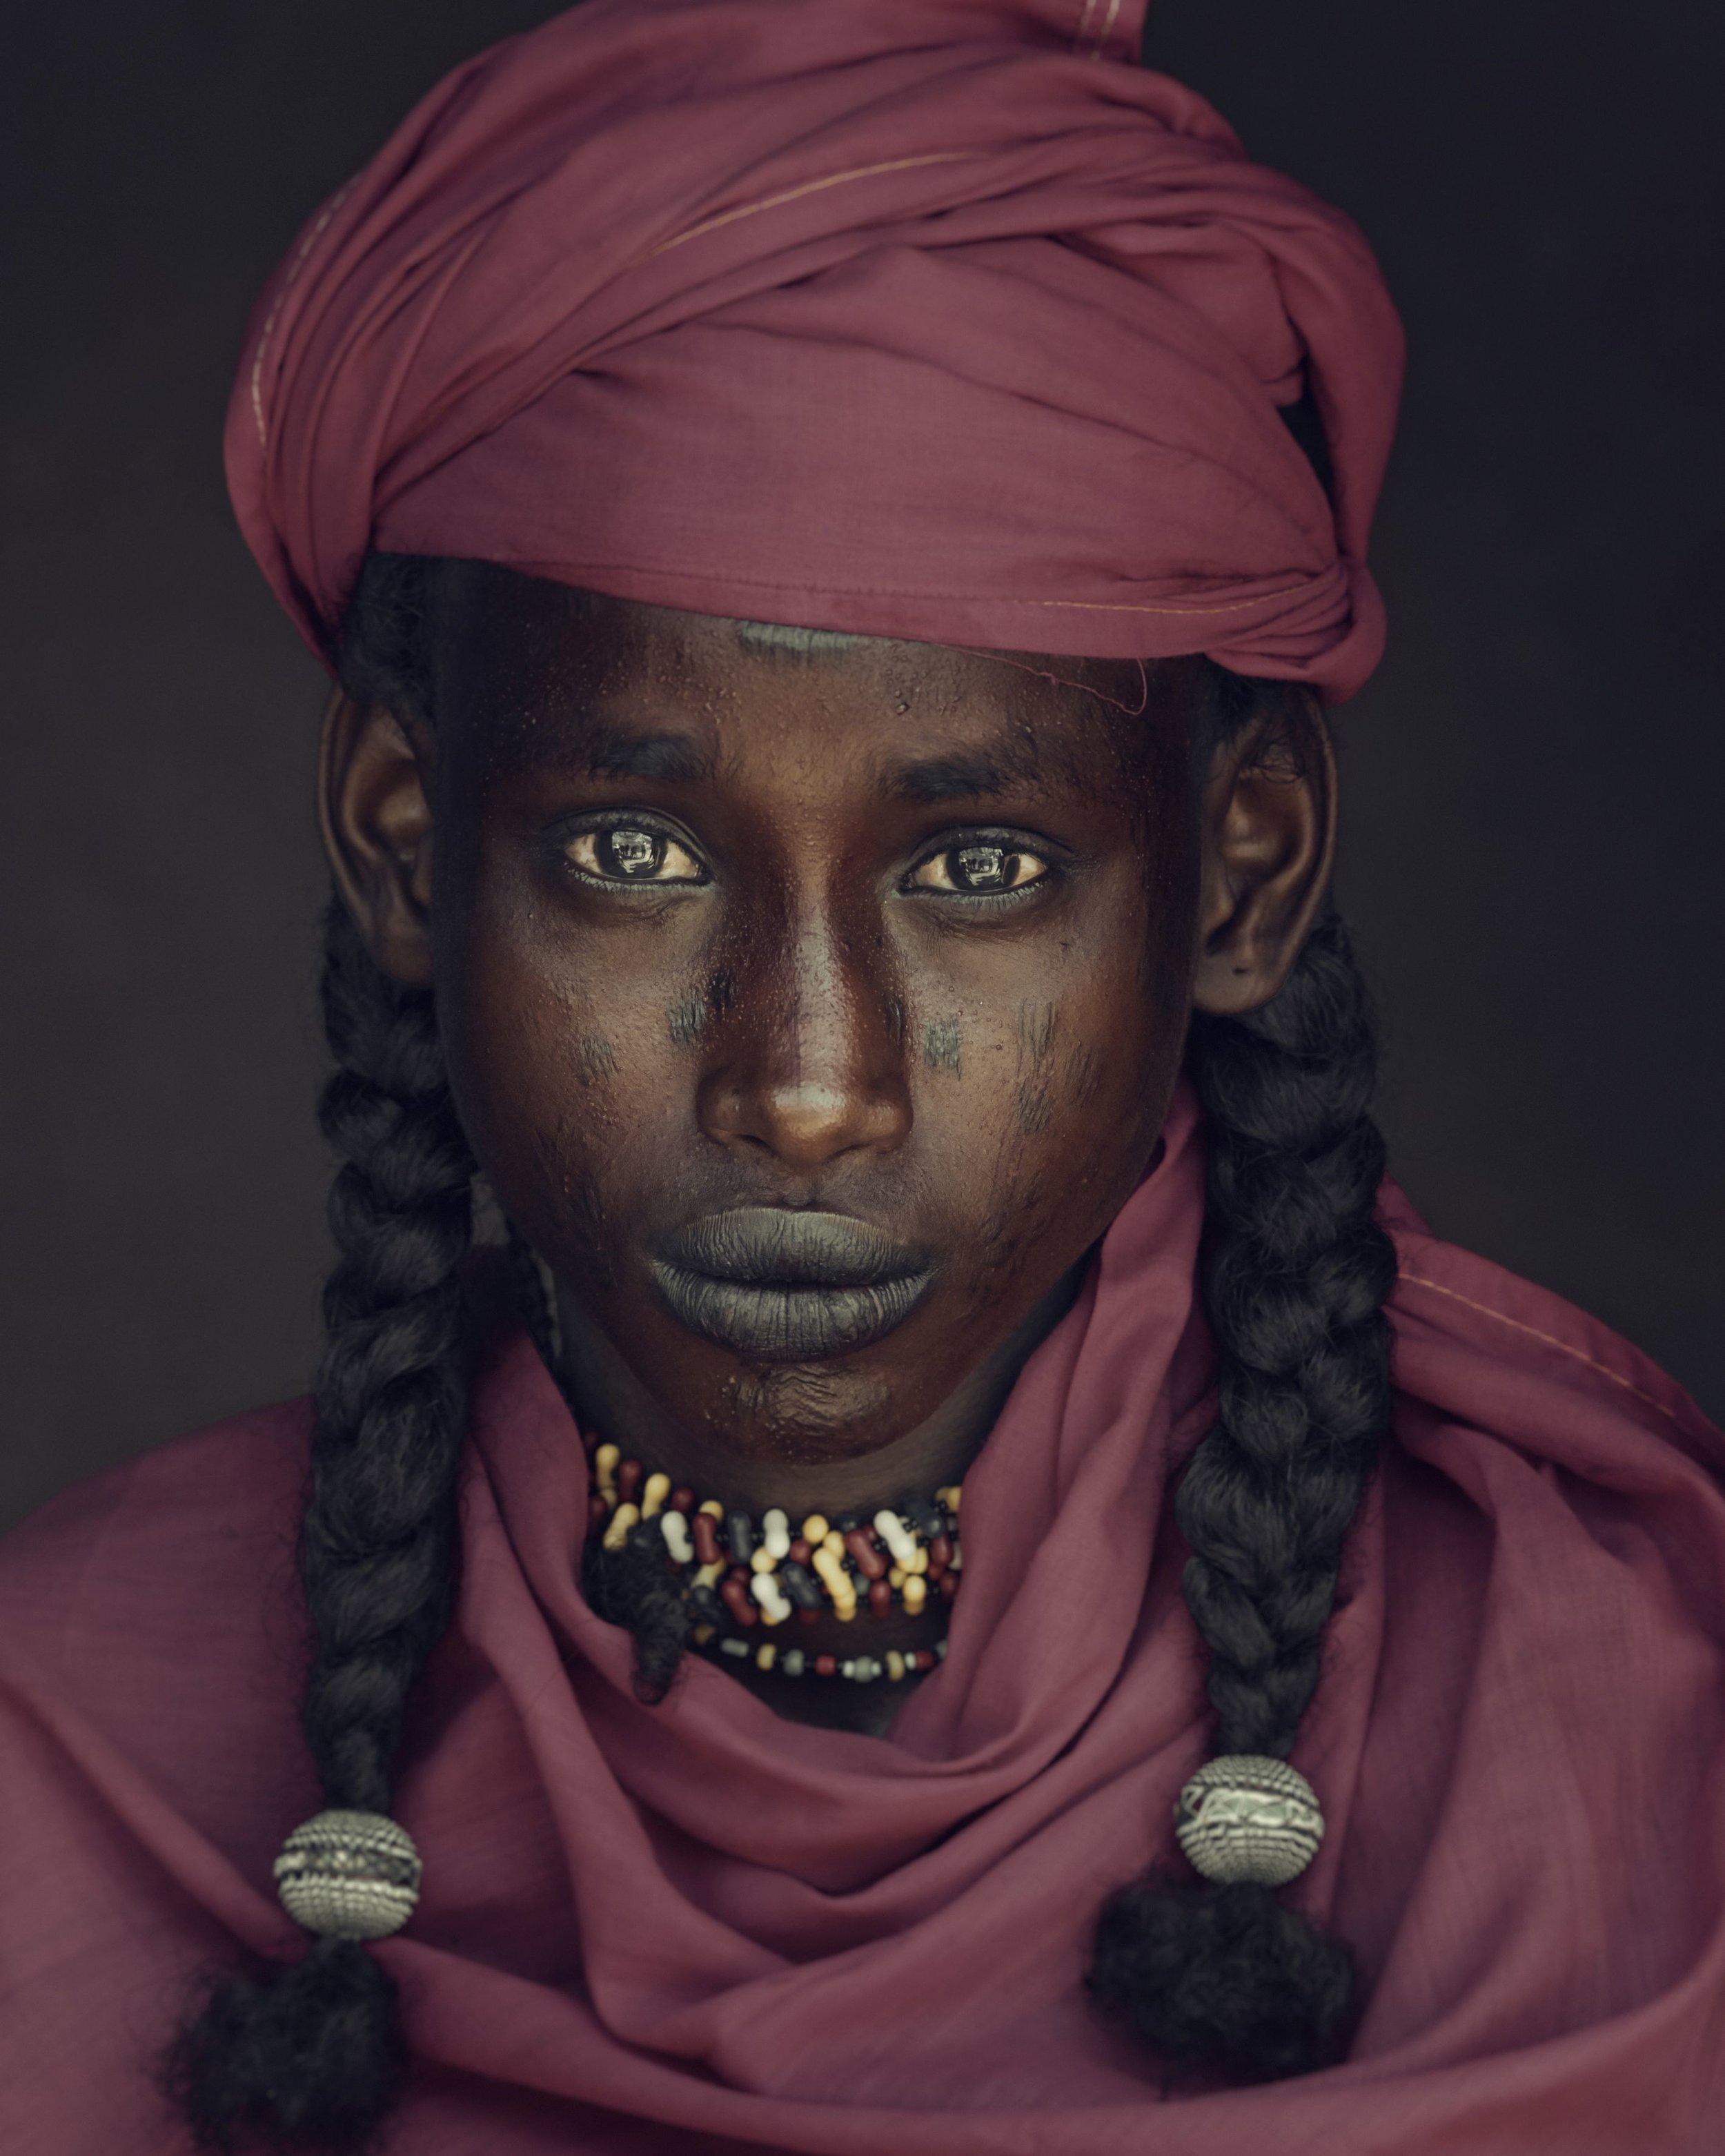 Jimmy Nelson_XXVIII 6 - Angelo, Soedoe Soechay, Gerewol, Bossio, Chad, 2016.jpg